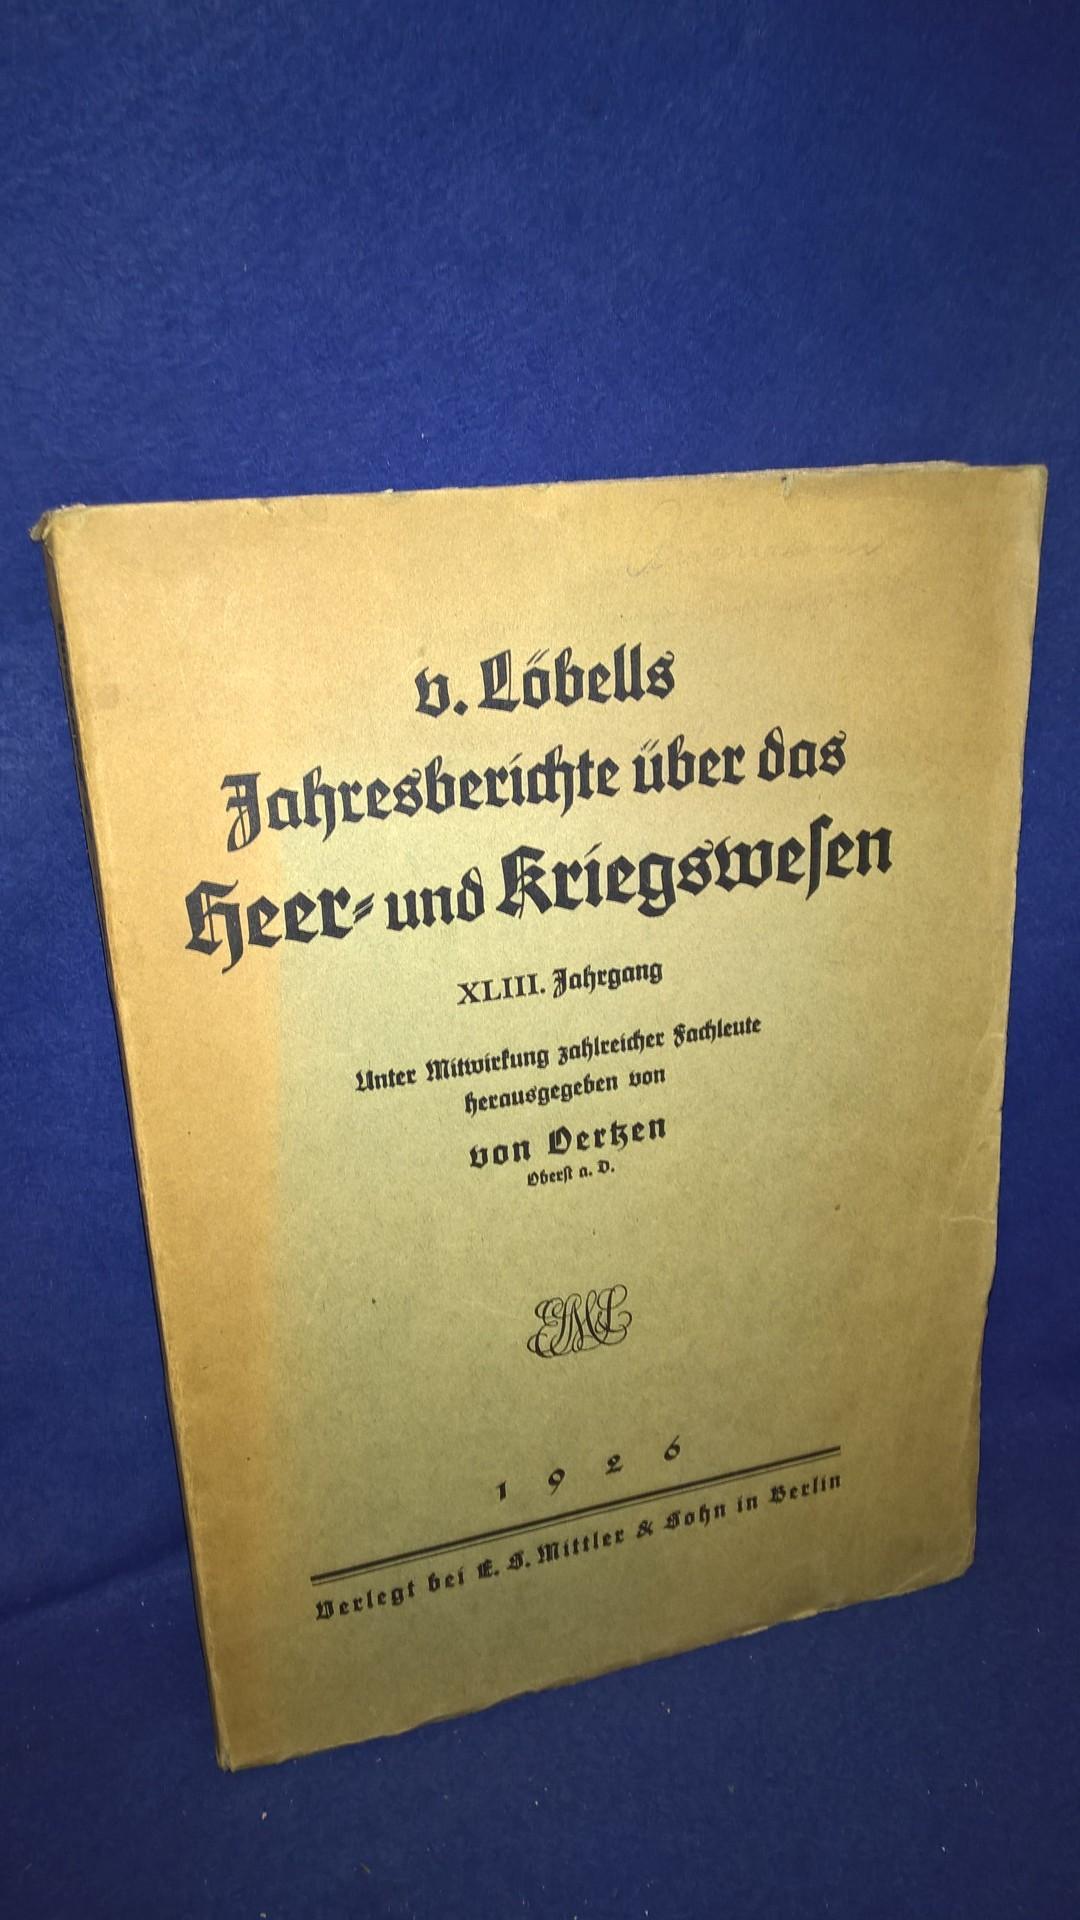 v. Löbells Jahresberichte über das Heer- und Kriegswesen. XLIII. Jahrgang 1926.